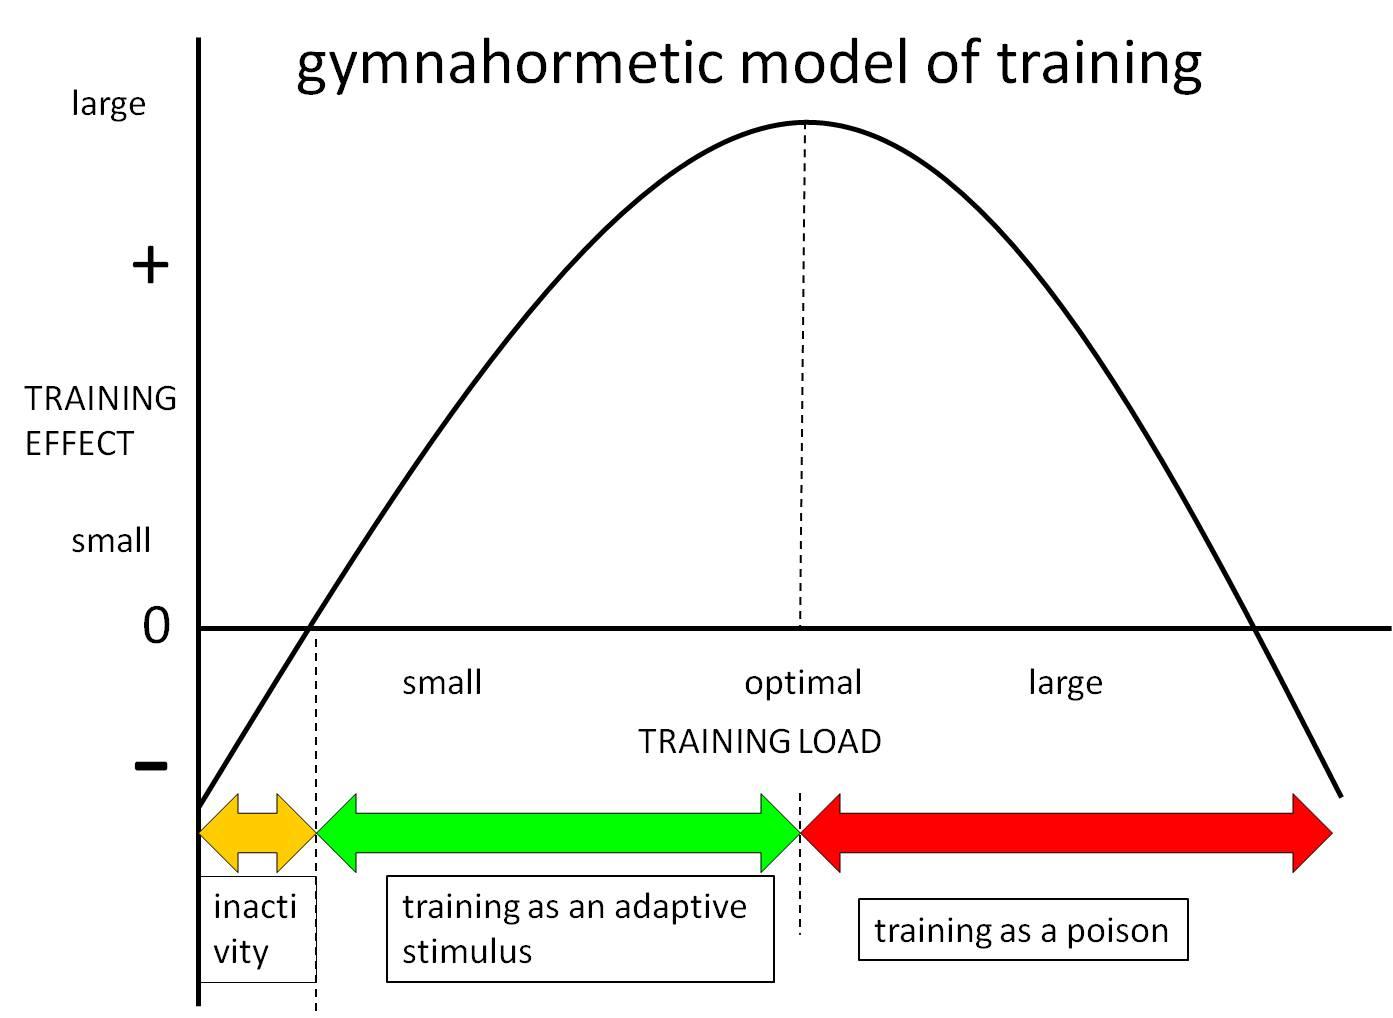 Gymnahormetic model